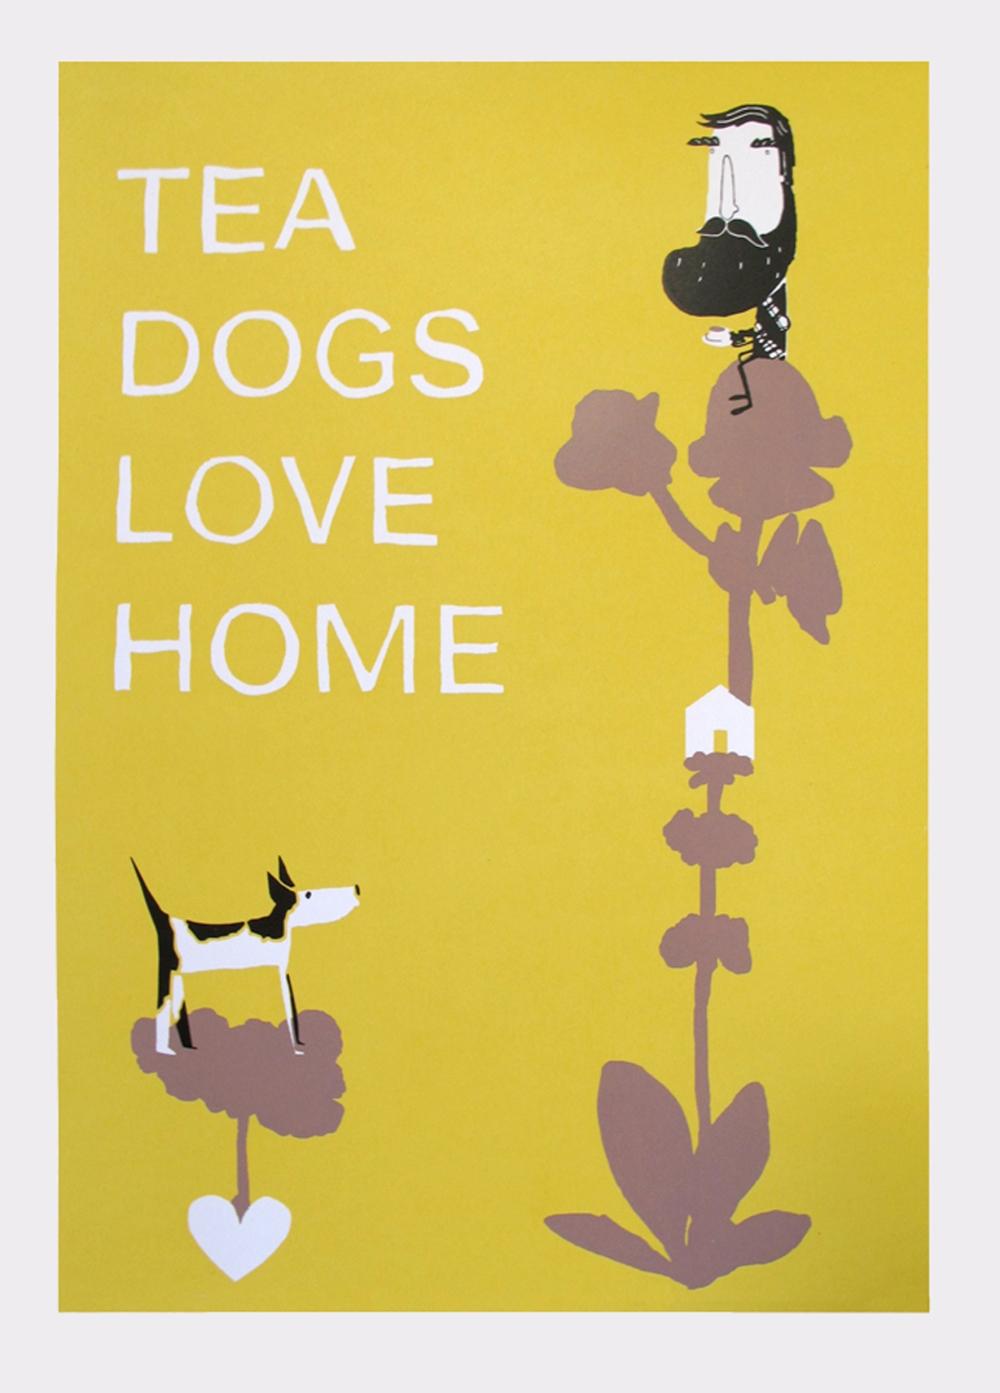 tea-dogs-love-home-by-lauren-van-helmond-36-87-usd-c-artfinder-2